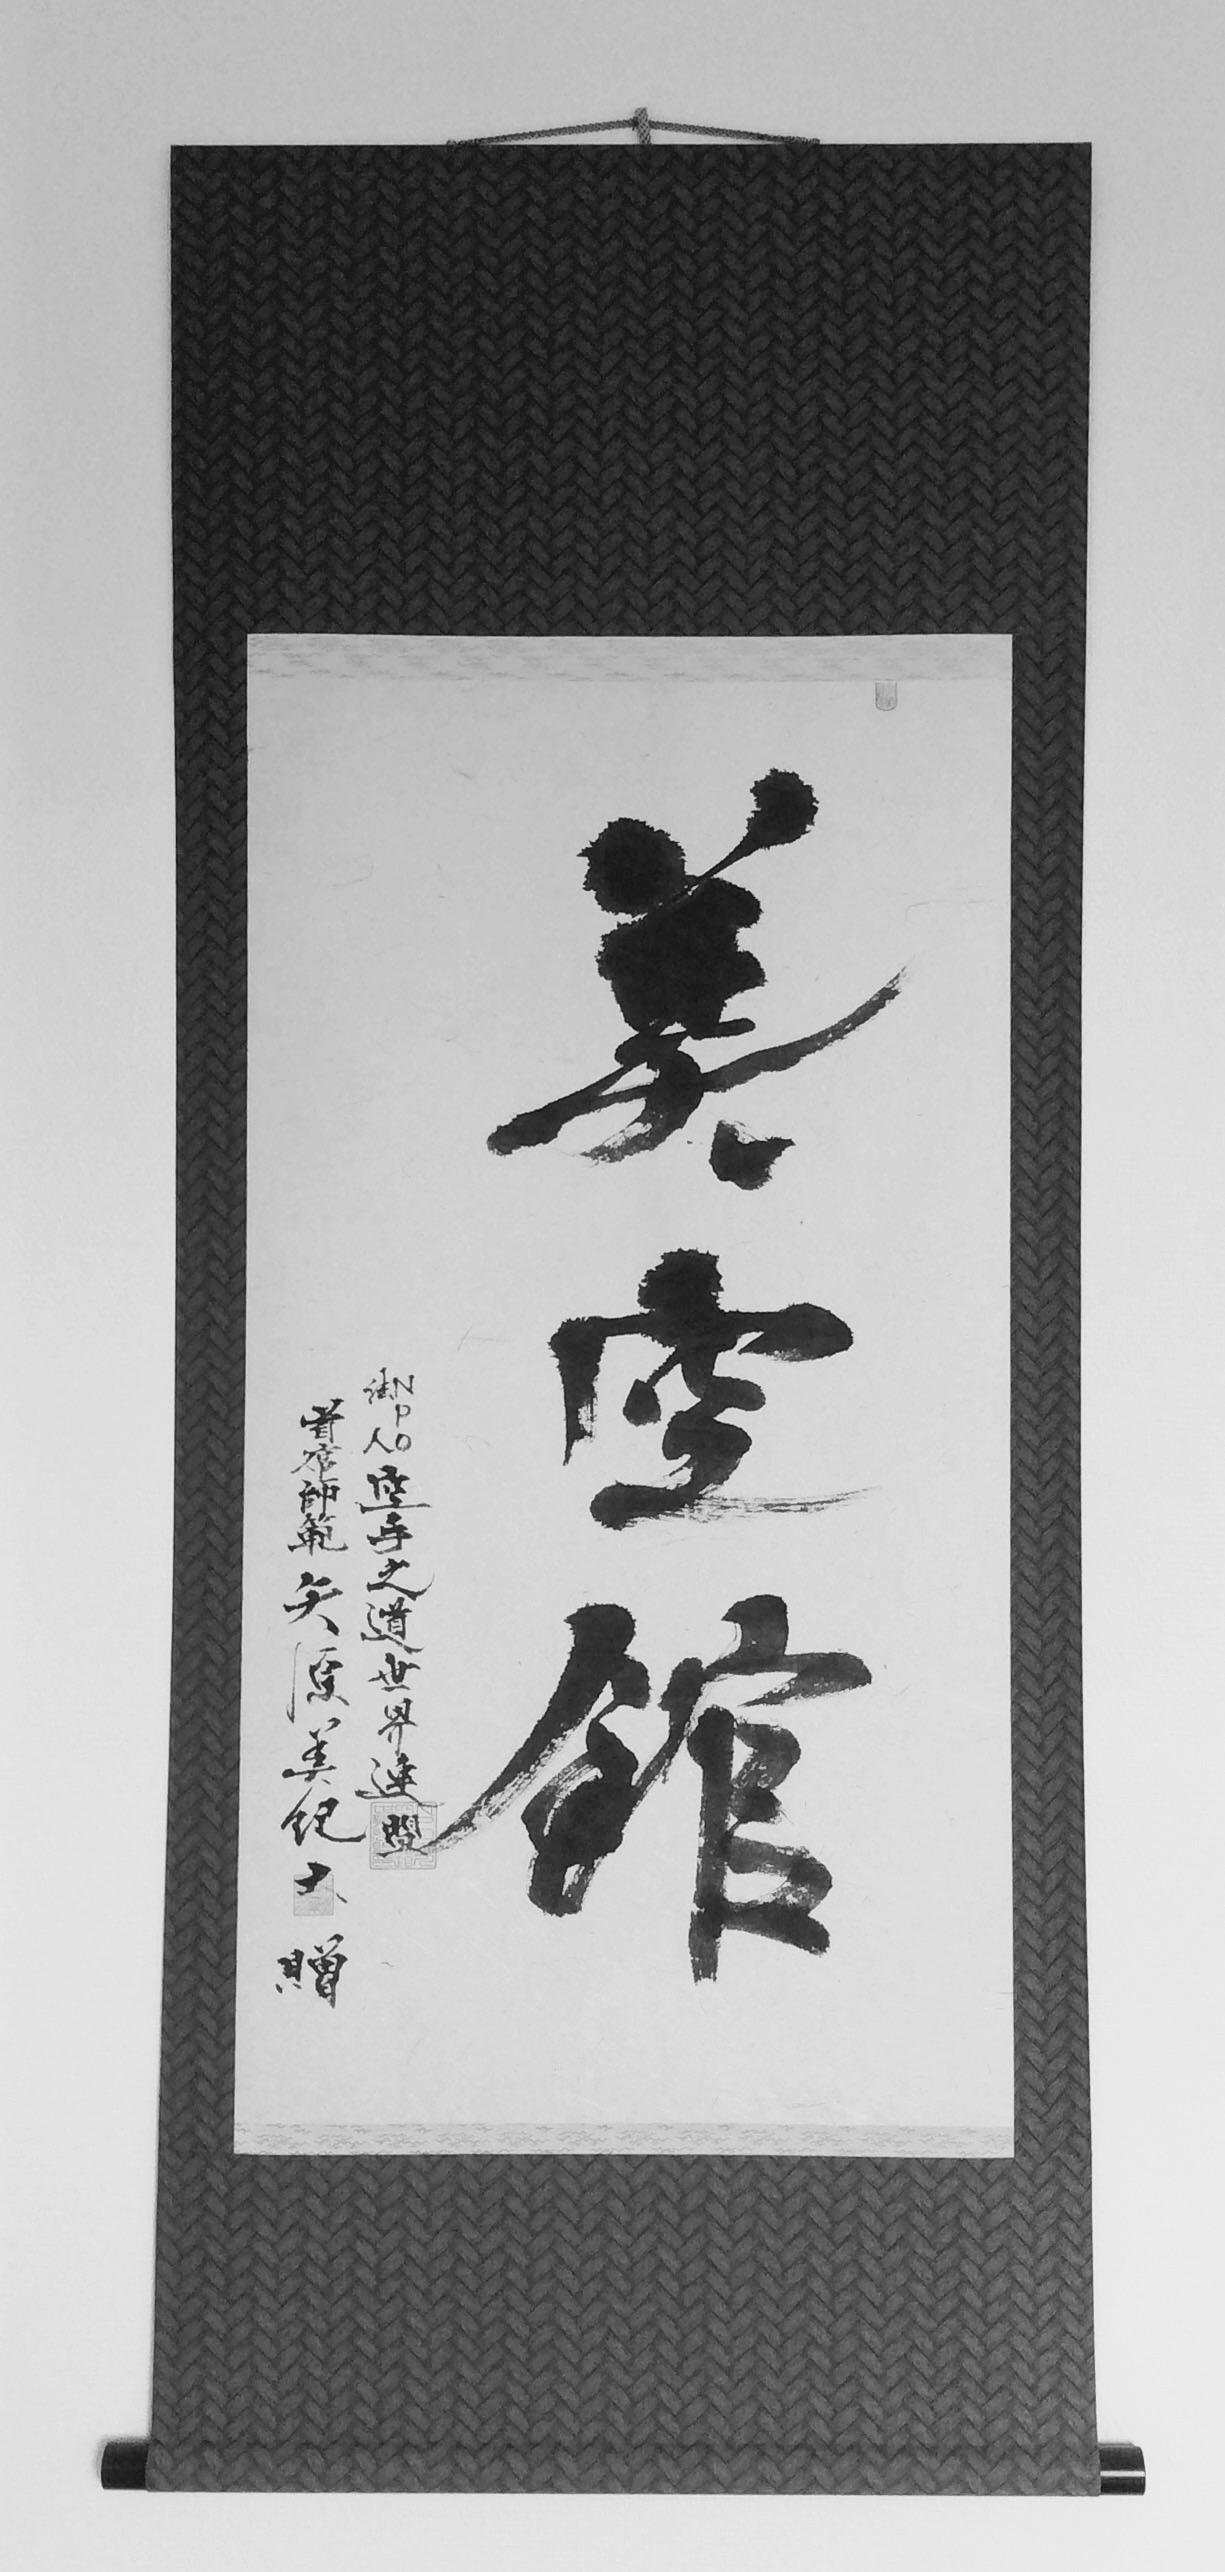 Kakejiku offert au Bikūkan 美空館 par Yahara Sensei 矢原 美紀夫